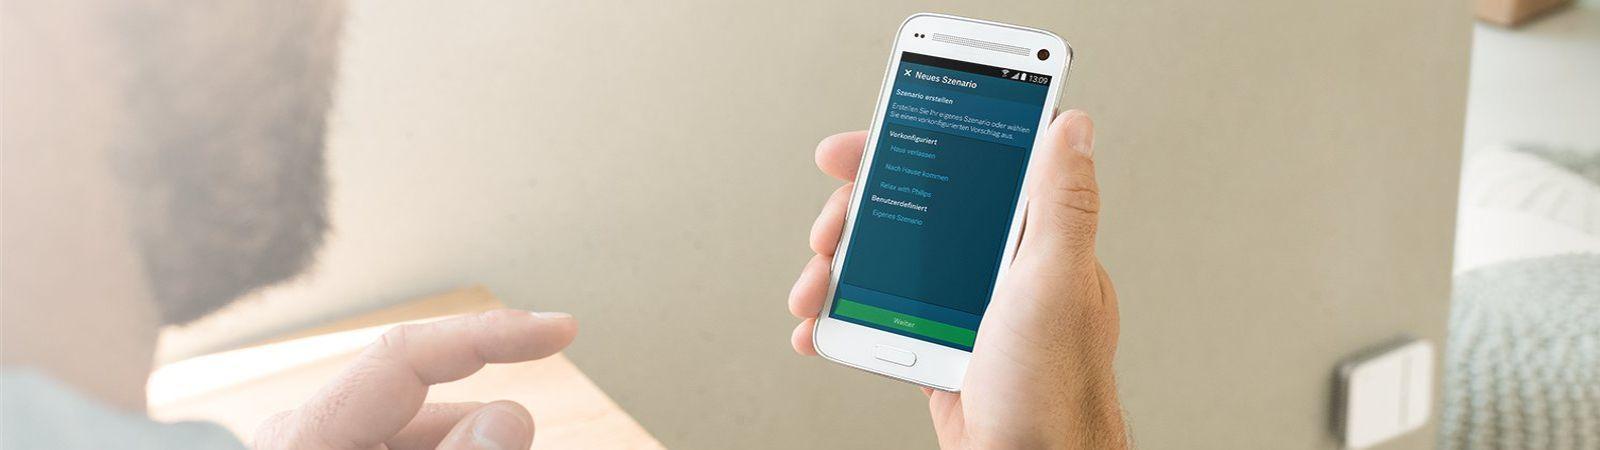 Haussteuerung digital: Geräte, Kosten und Effizienz von Smart Home-Konzepten